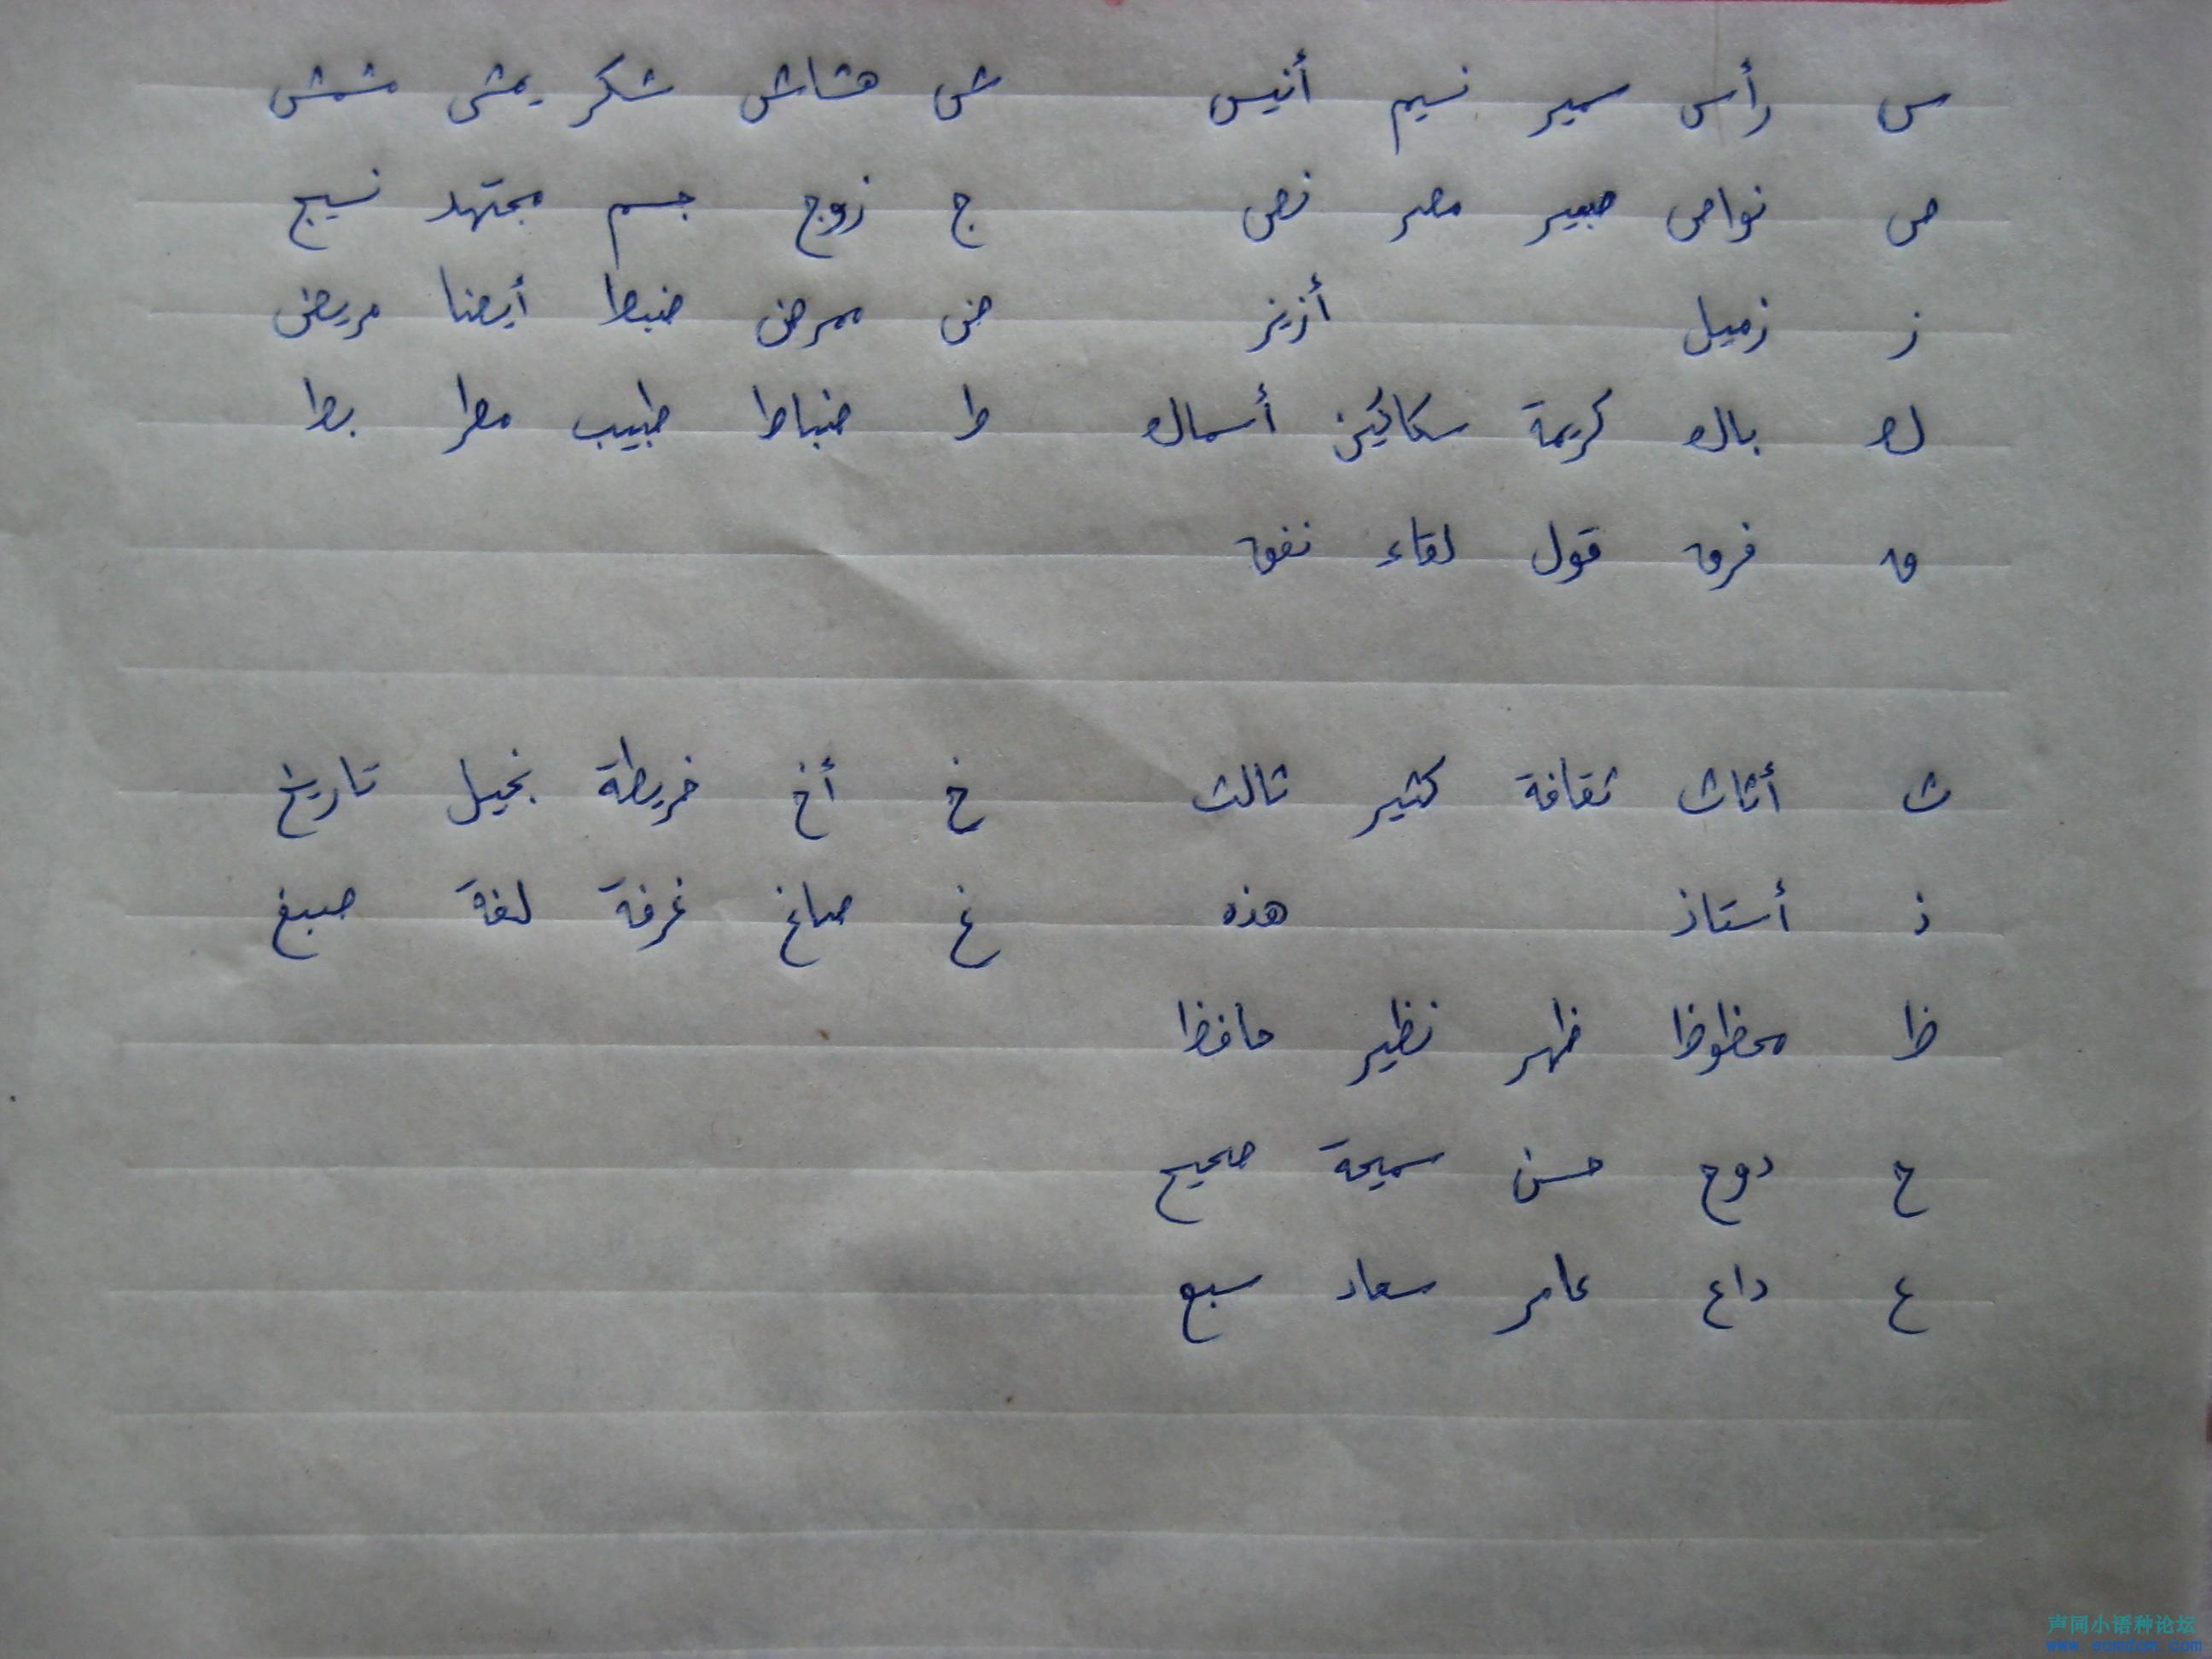 阿拉伯语手写体 兑现一个诺言